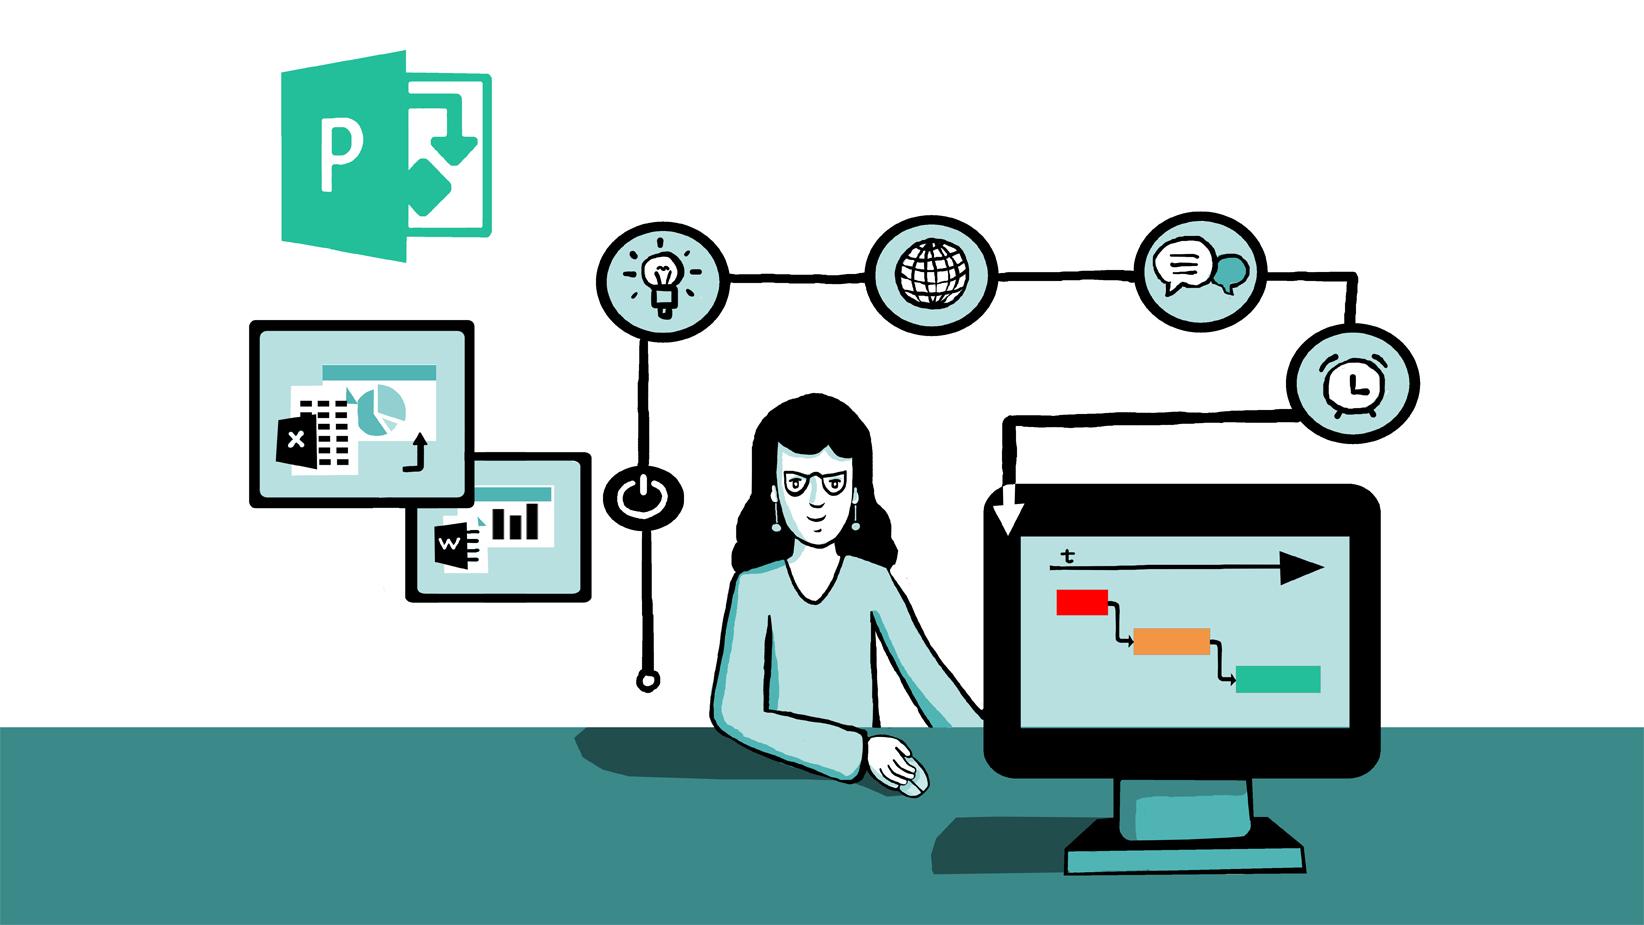 Scuola di Project Management - Microsoft Project